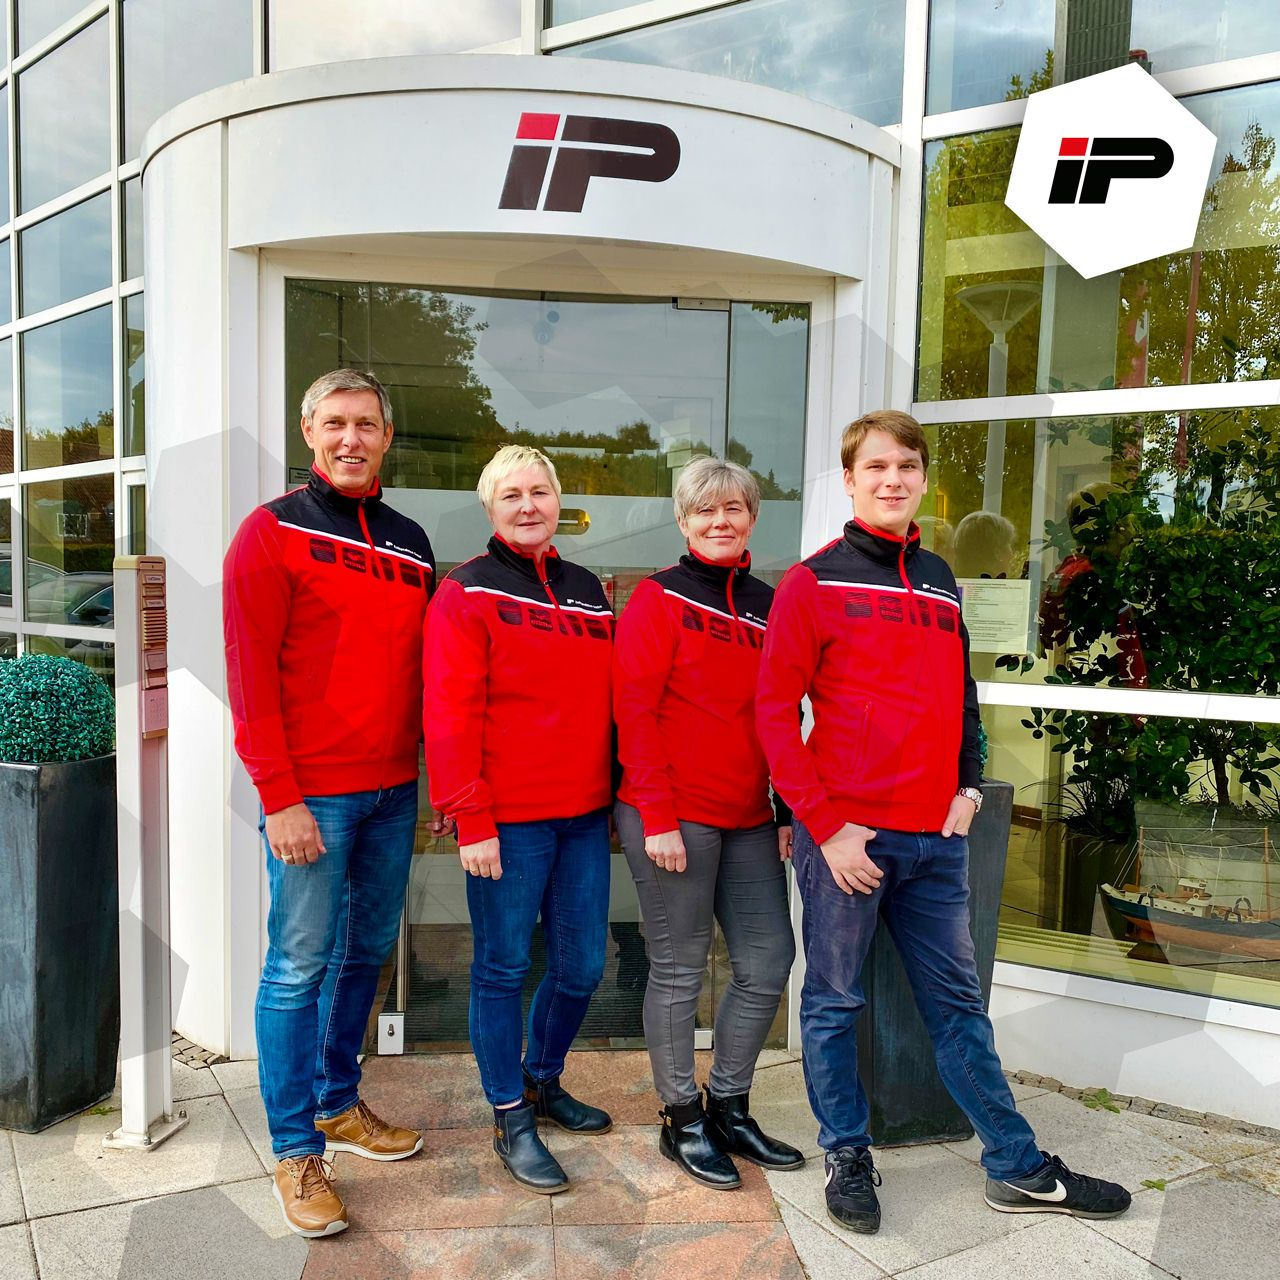 12. Ruder Firmen-Sprintcup 2021 mit IP Team